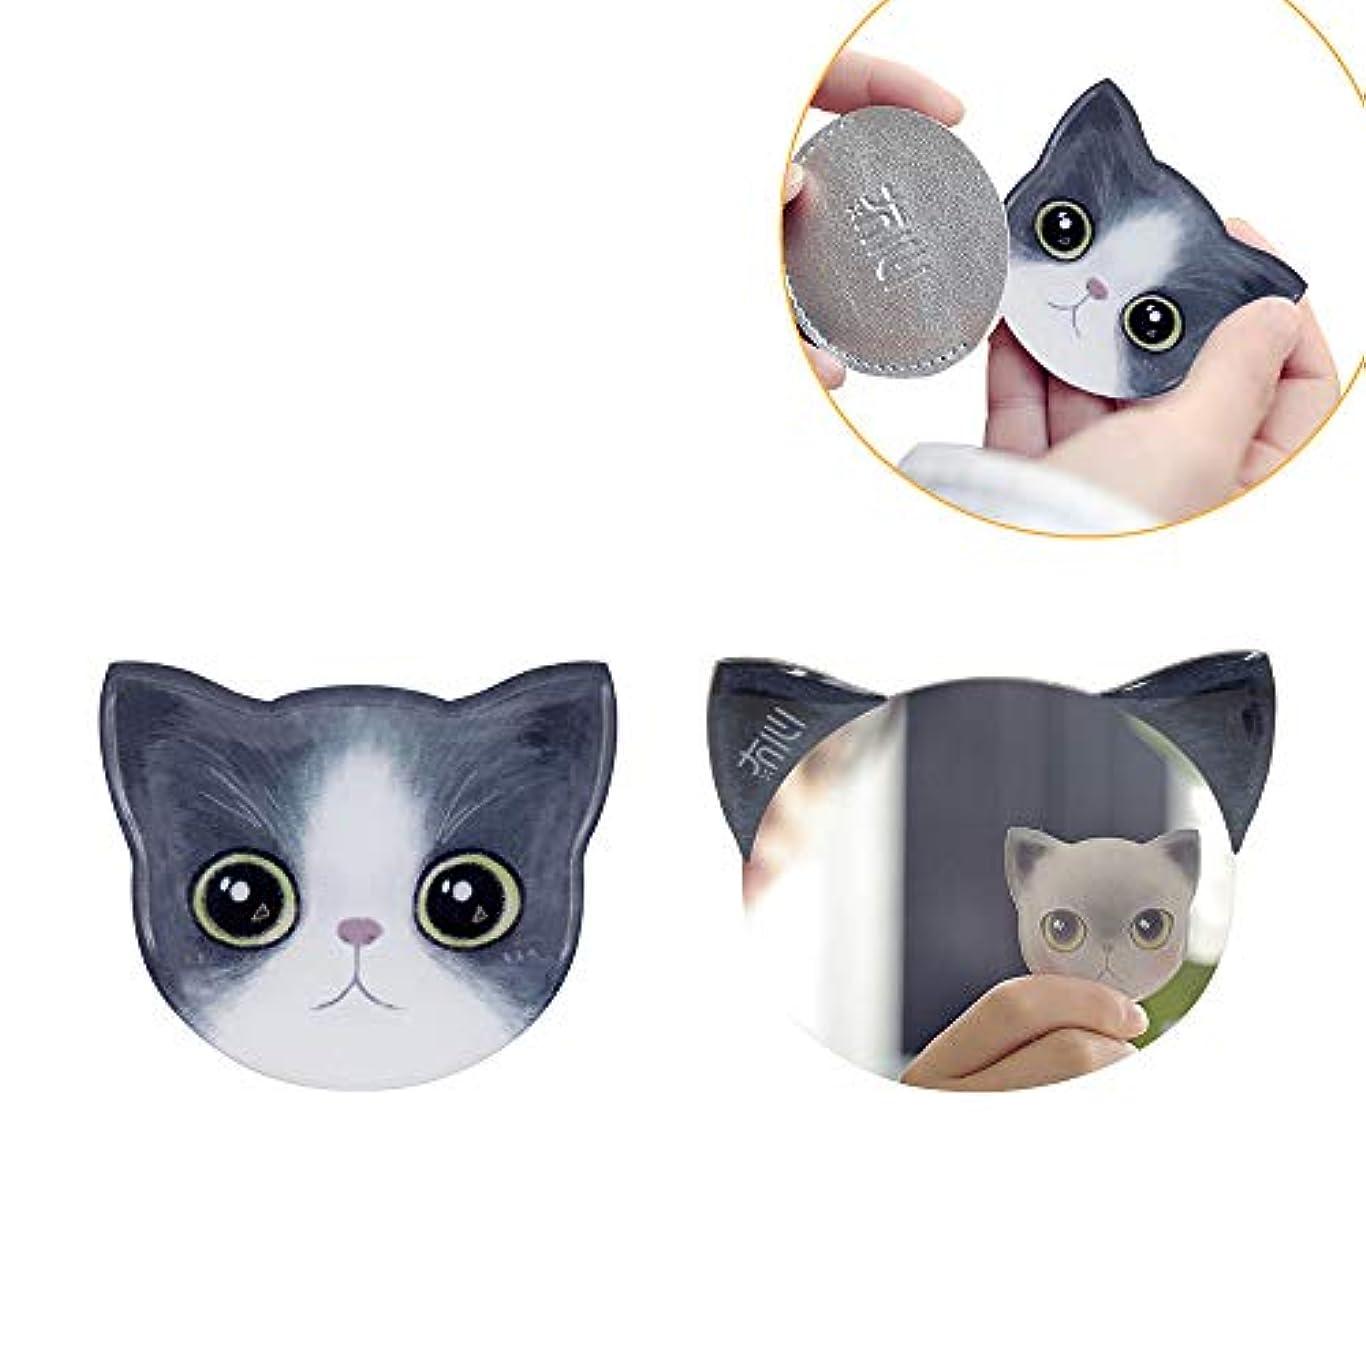 謝罪ナイトスポット北極圏手鏡 コンパクト iitrust 猫柄 8パタン 収納袋付き 割れない 鏡 おしゃれ コンパクトミラー ハンドミラー かわいい 手鏡 猫 手鏡 かわいい iitrust 並行輸入品